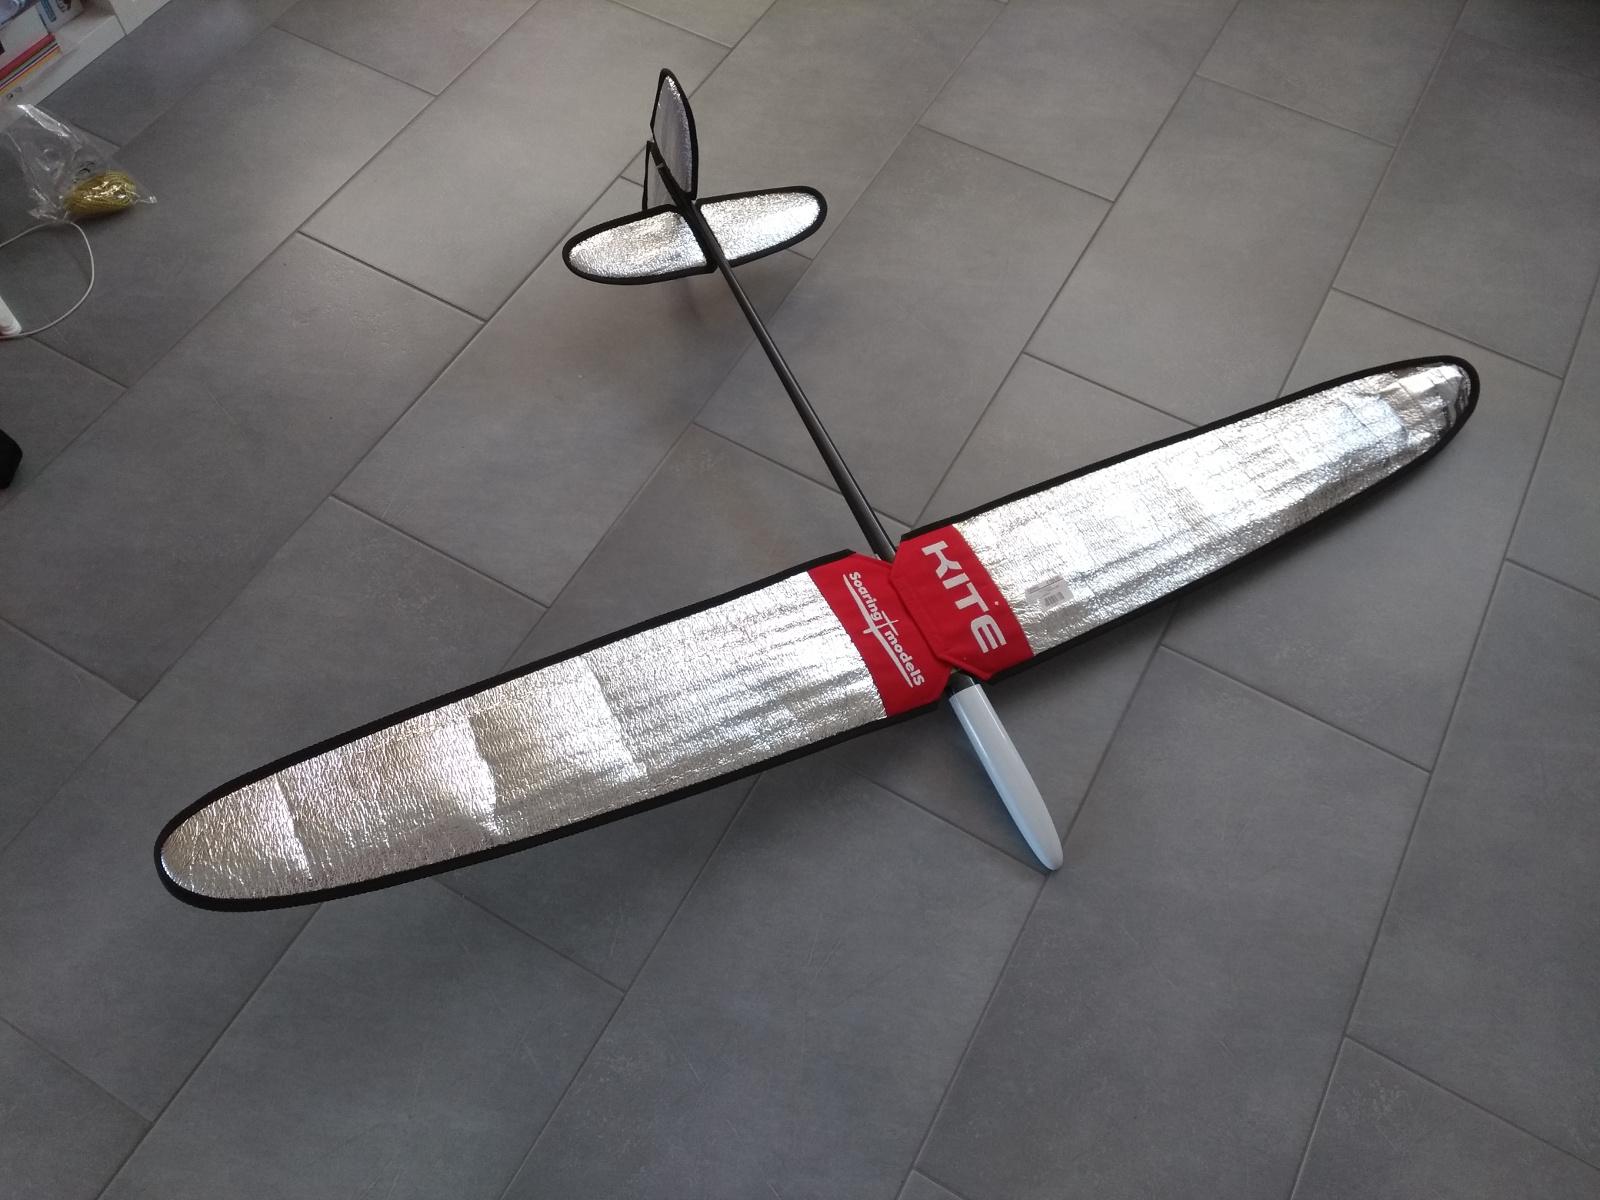 kite_bags.jpg